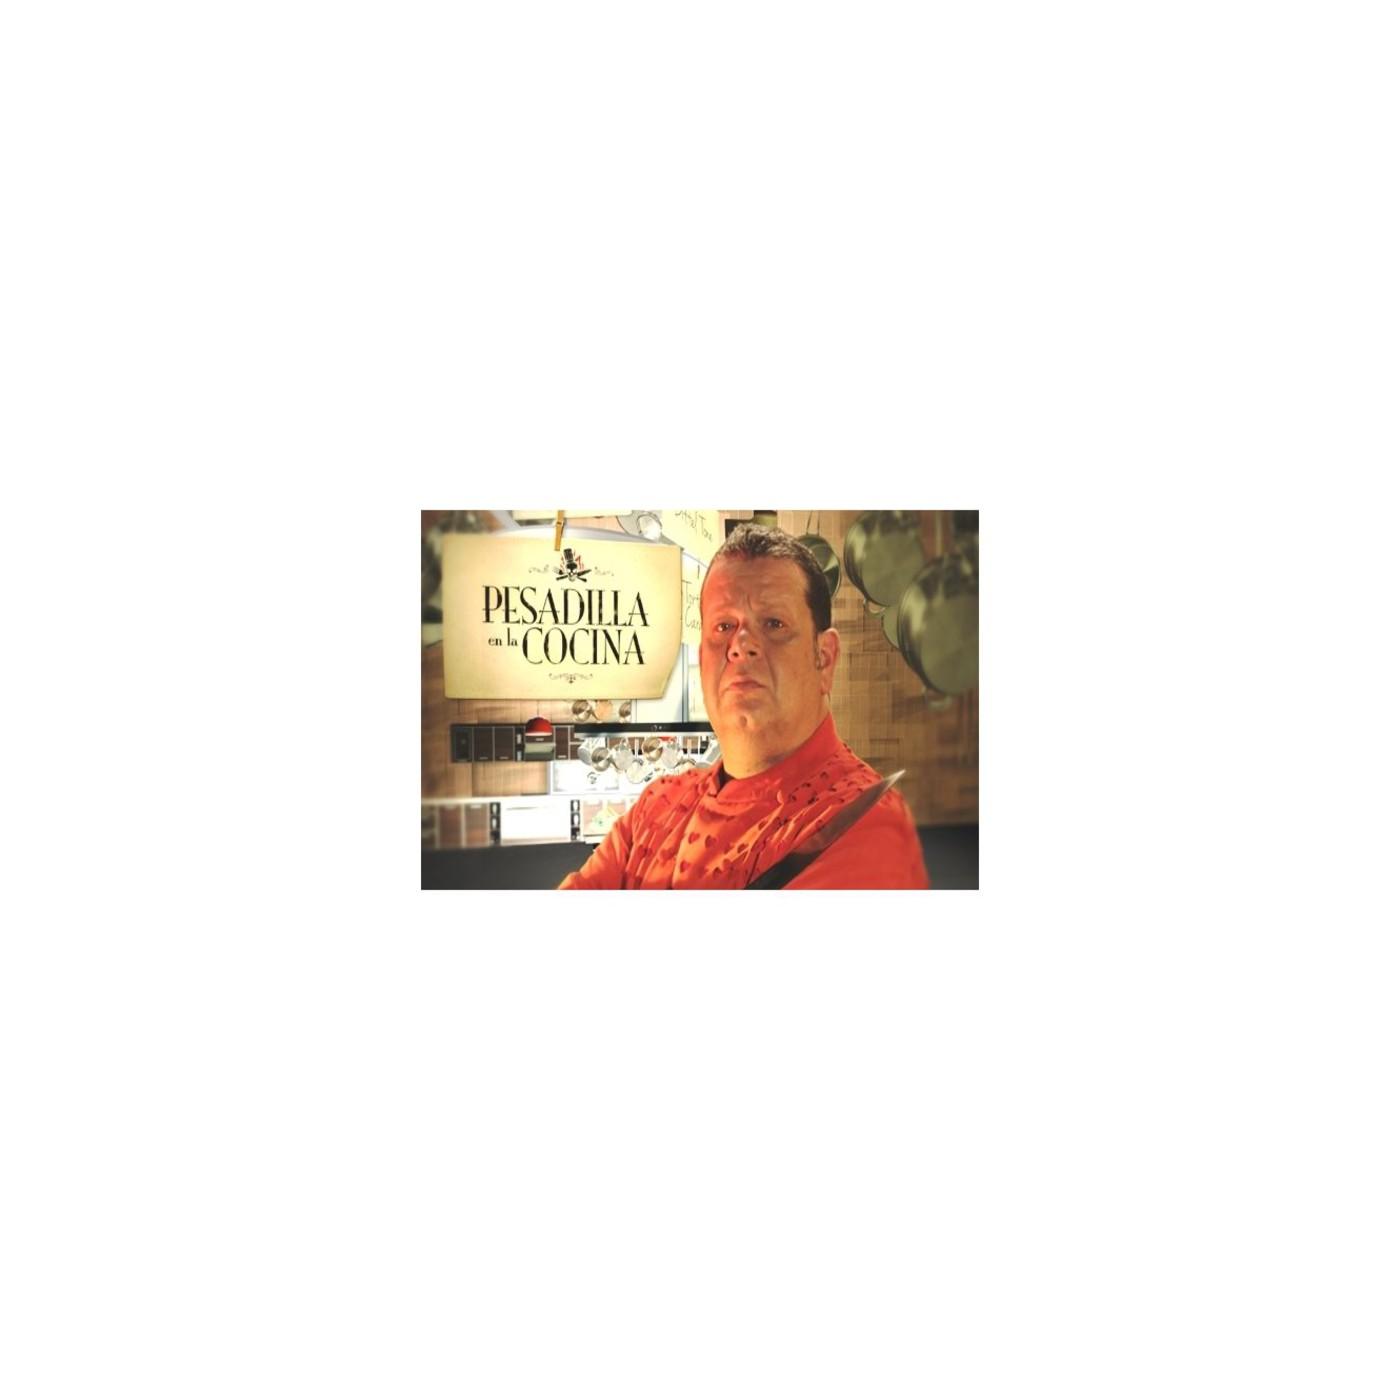 Escucha podcast pesadilla en la cocina ivoox for Pesadilla en la cocina brasas